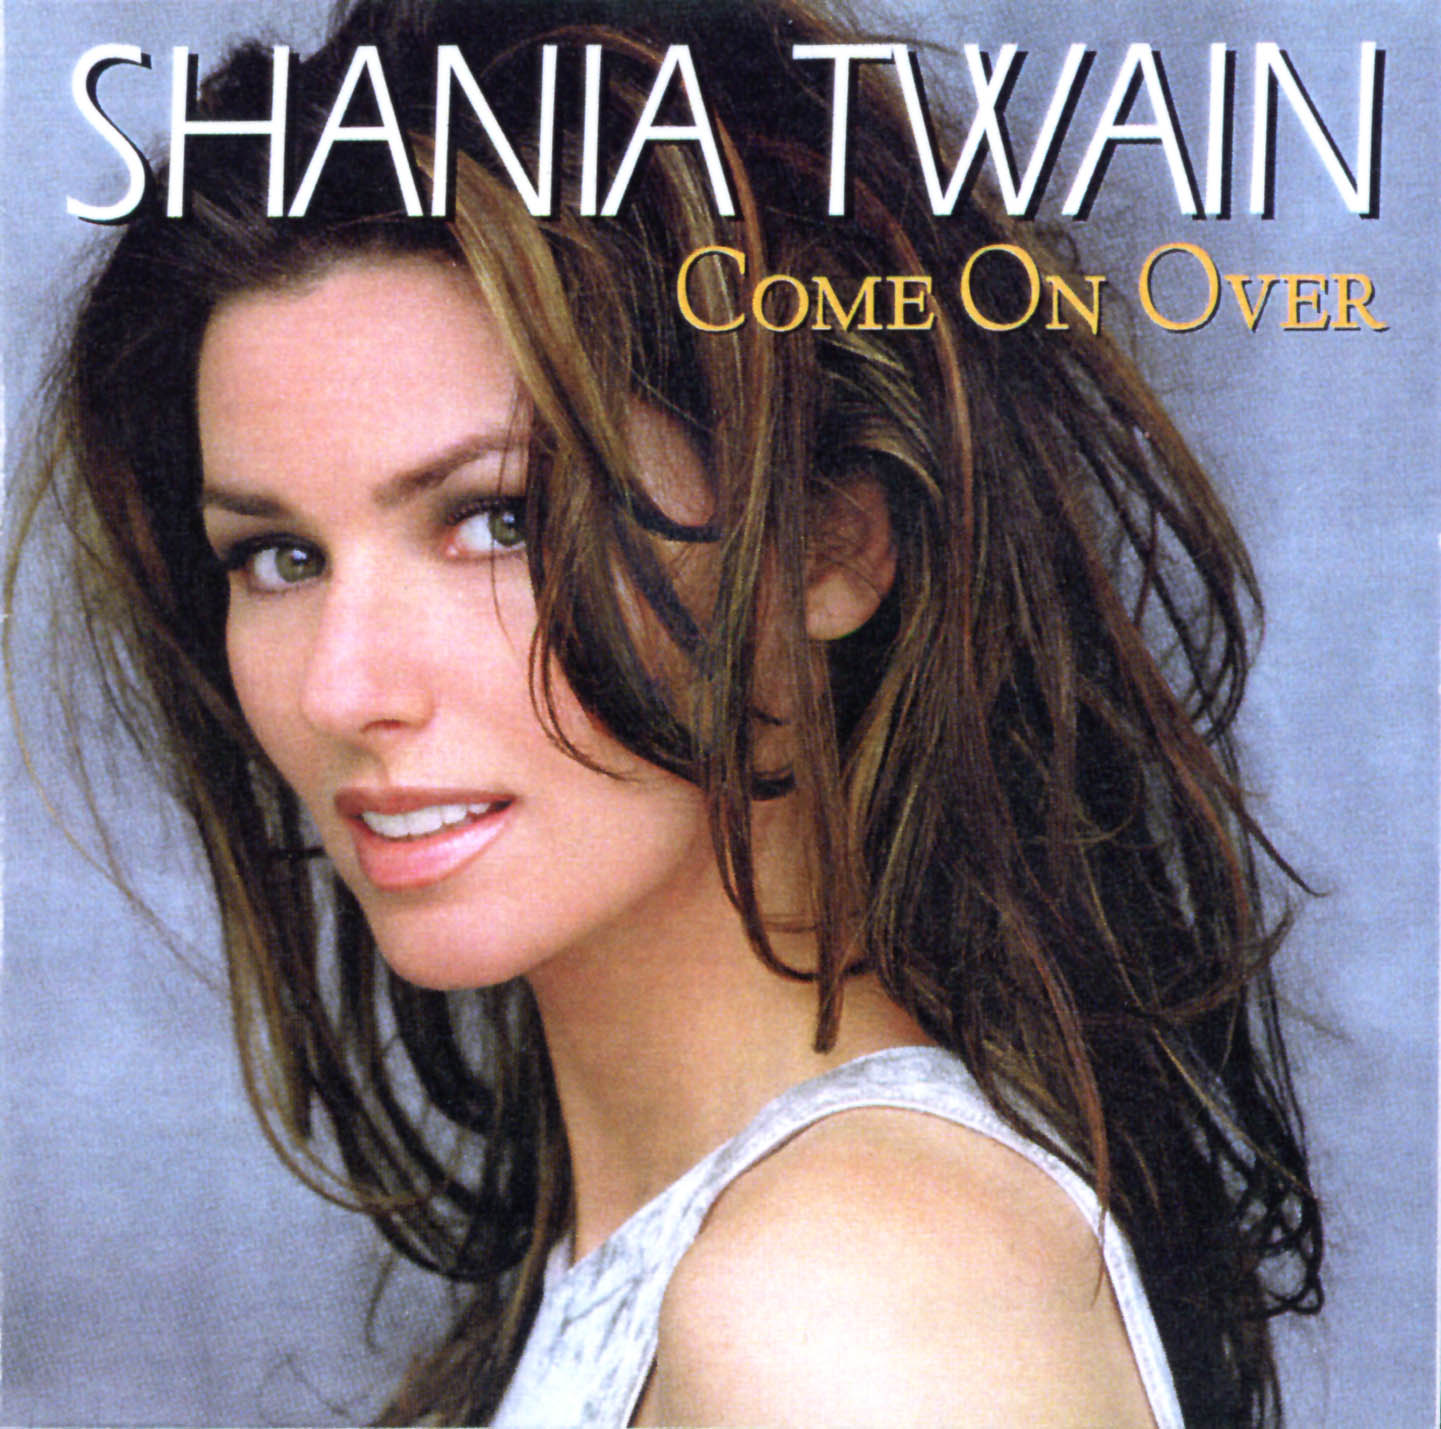 http://4.bp.blogspot.com/-SUZ1UnEVyAM/TehUJlYYaYI/AAAAAAAABjQ/XwldfvJPugw/s1600/Shania_Twain-Come_On_Over-Frontal.jpg